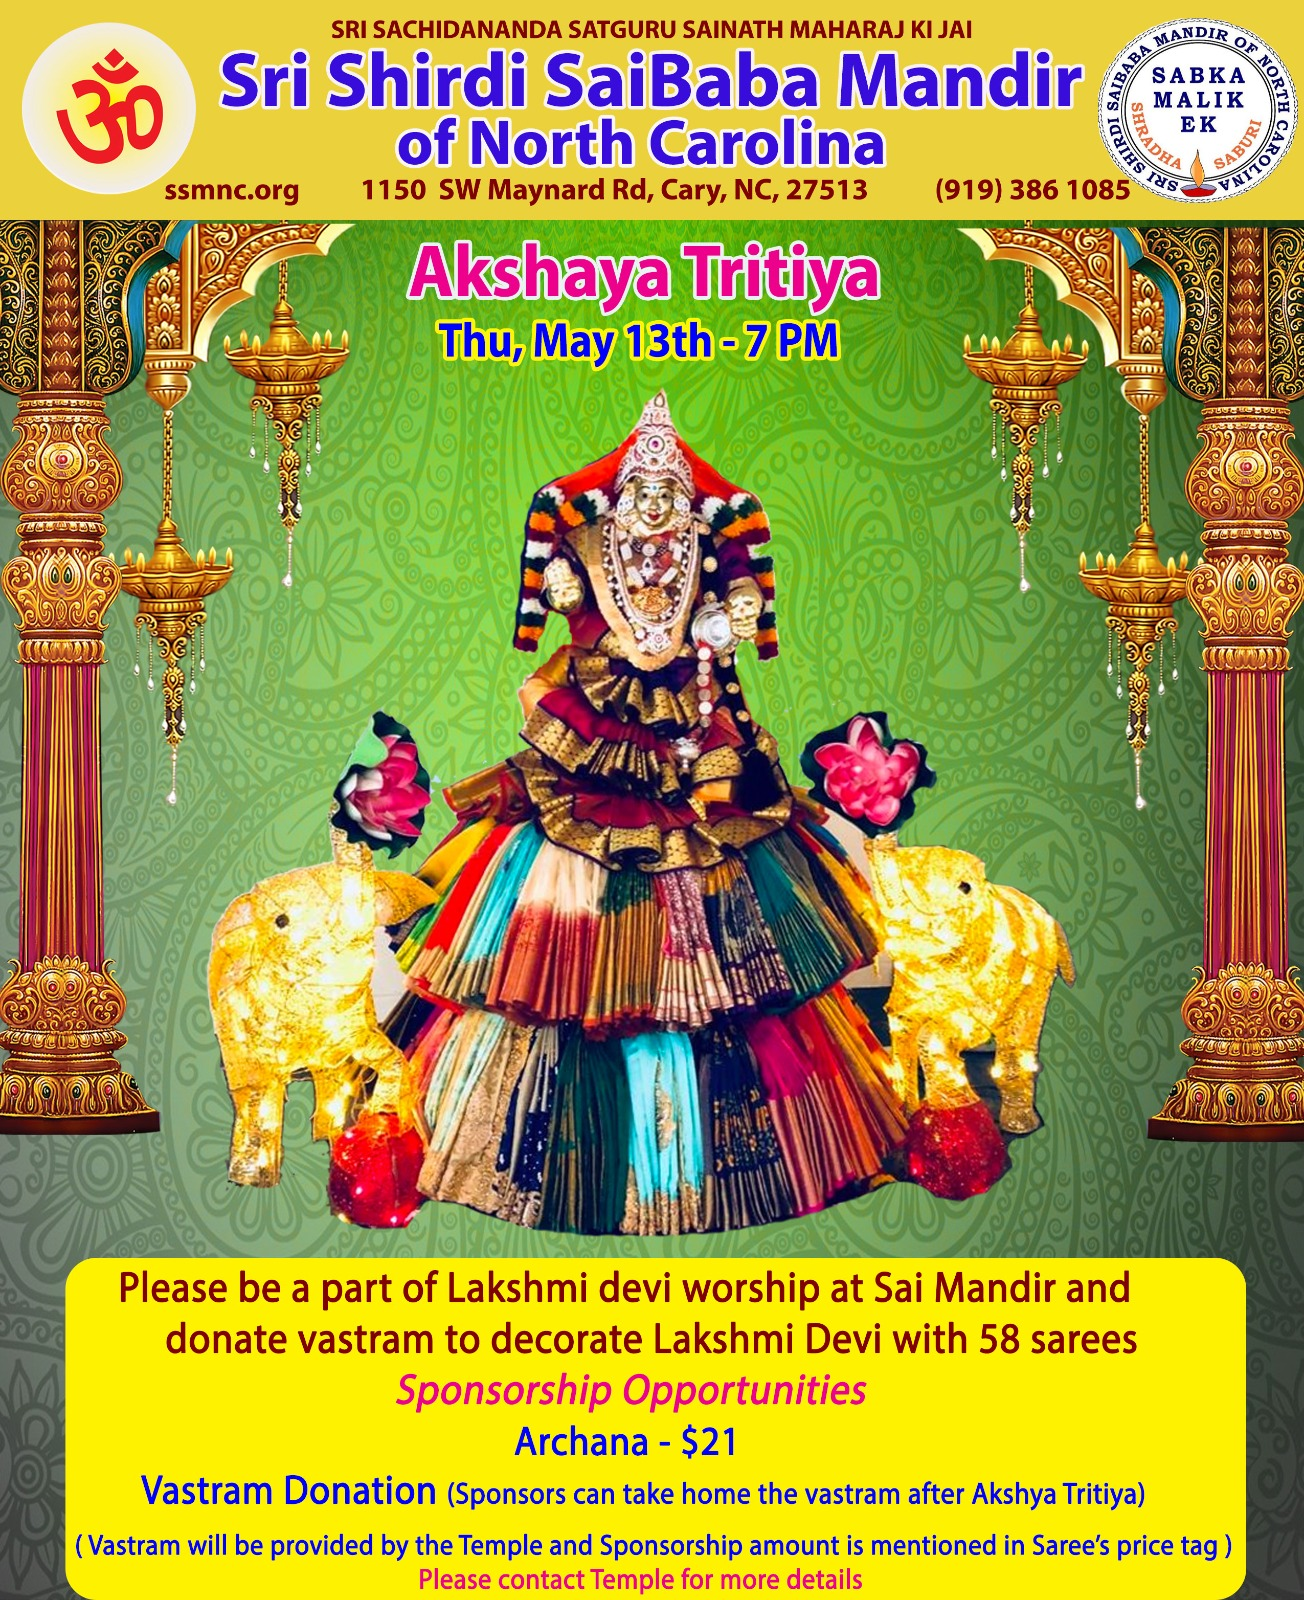 SSMNC_AkshayaTritiya_Lakshmi_2021.jpg